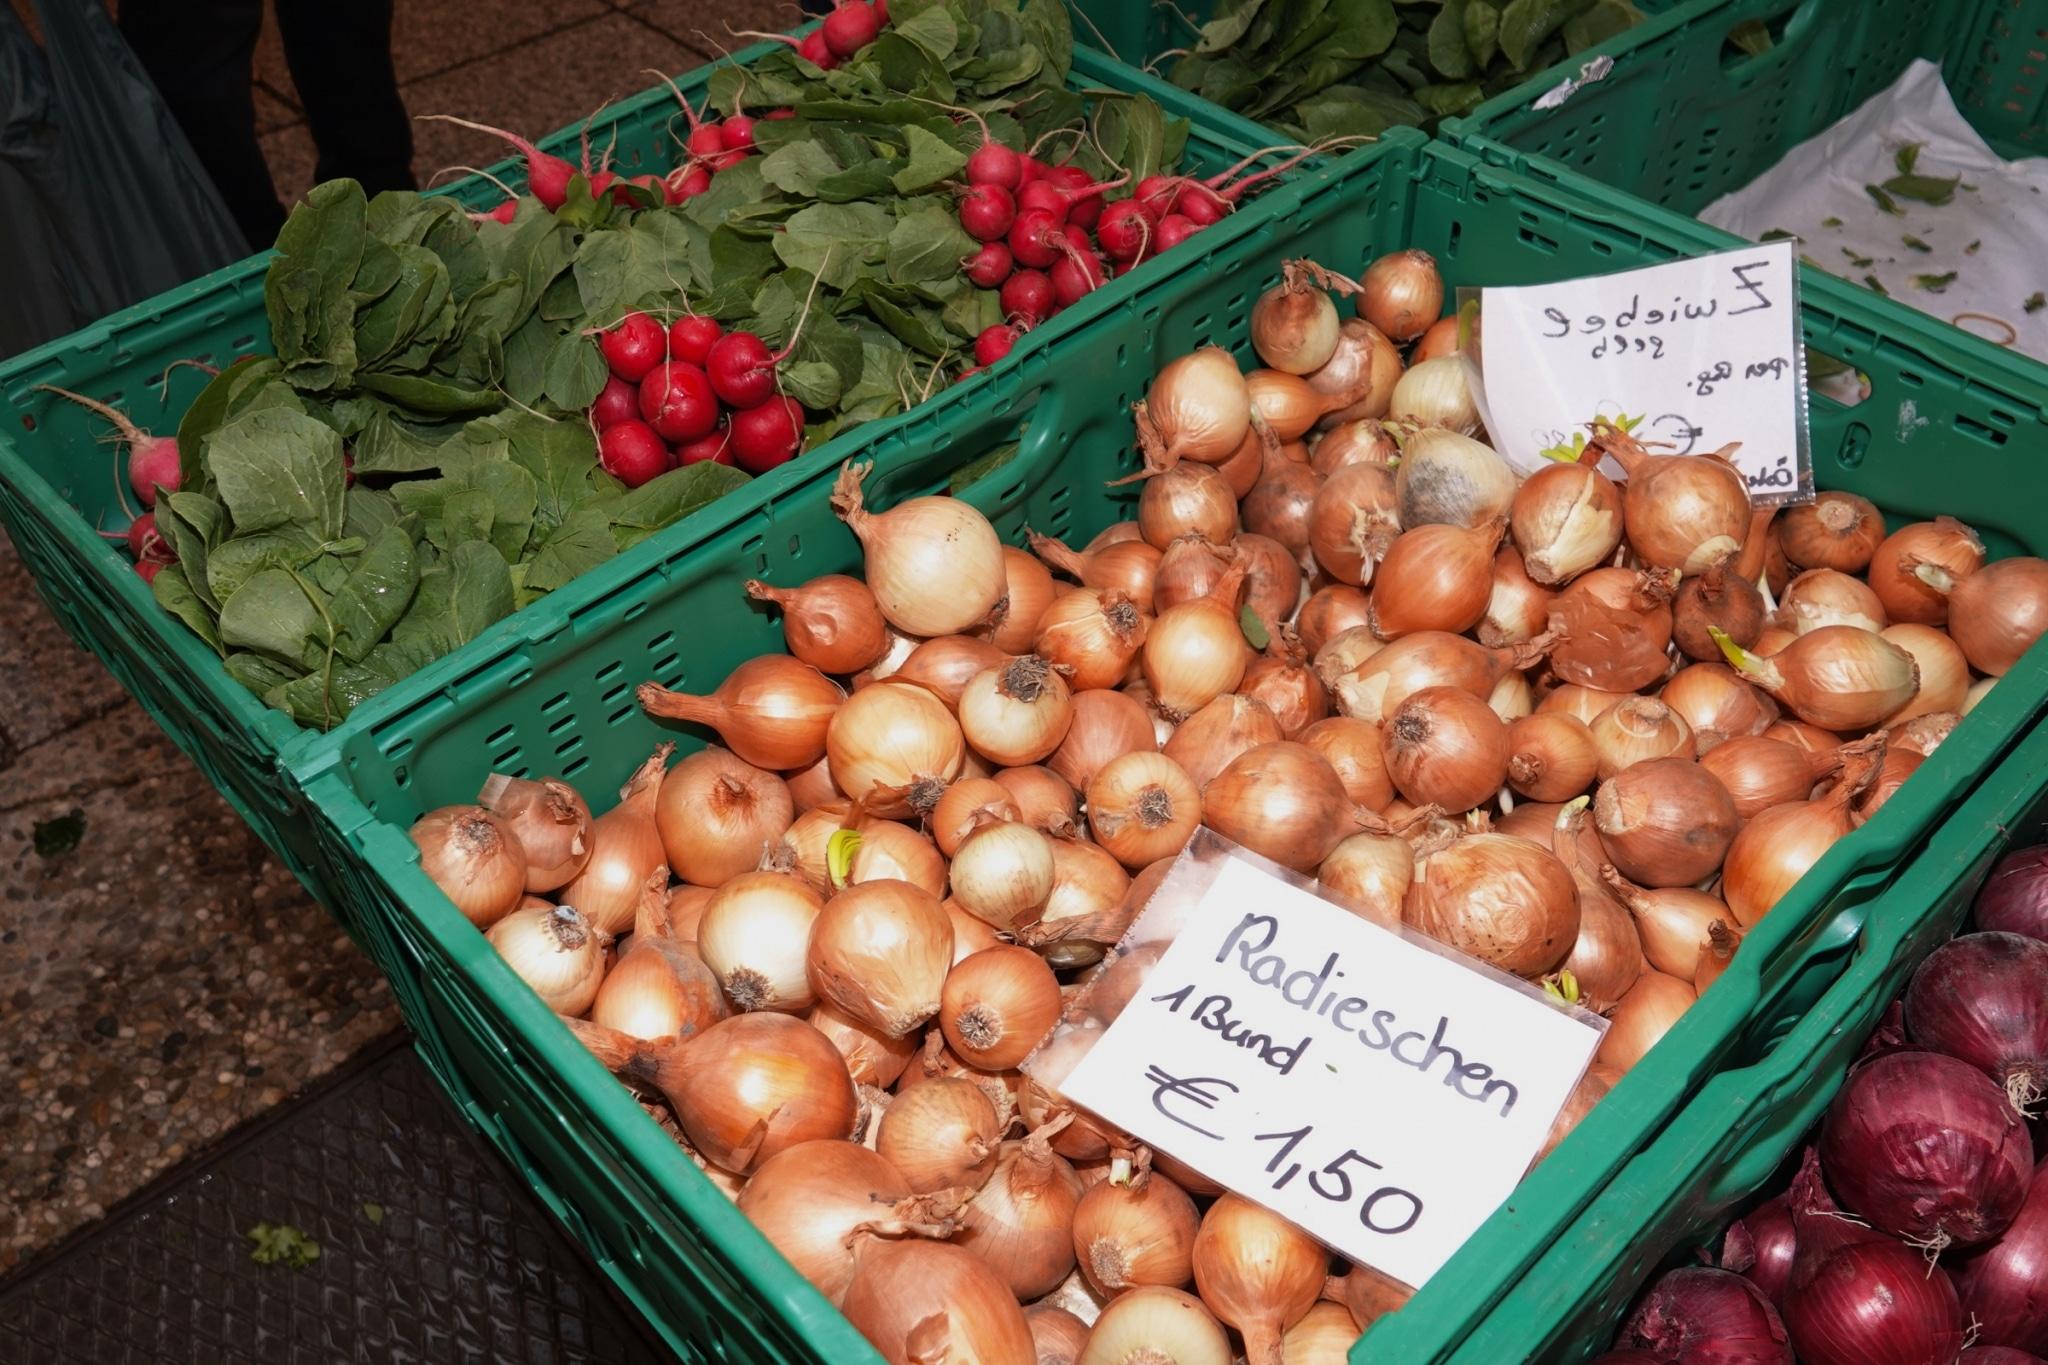 Bauernmarkt in Weiz